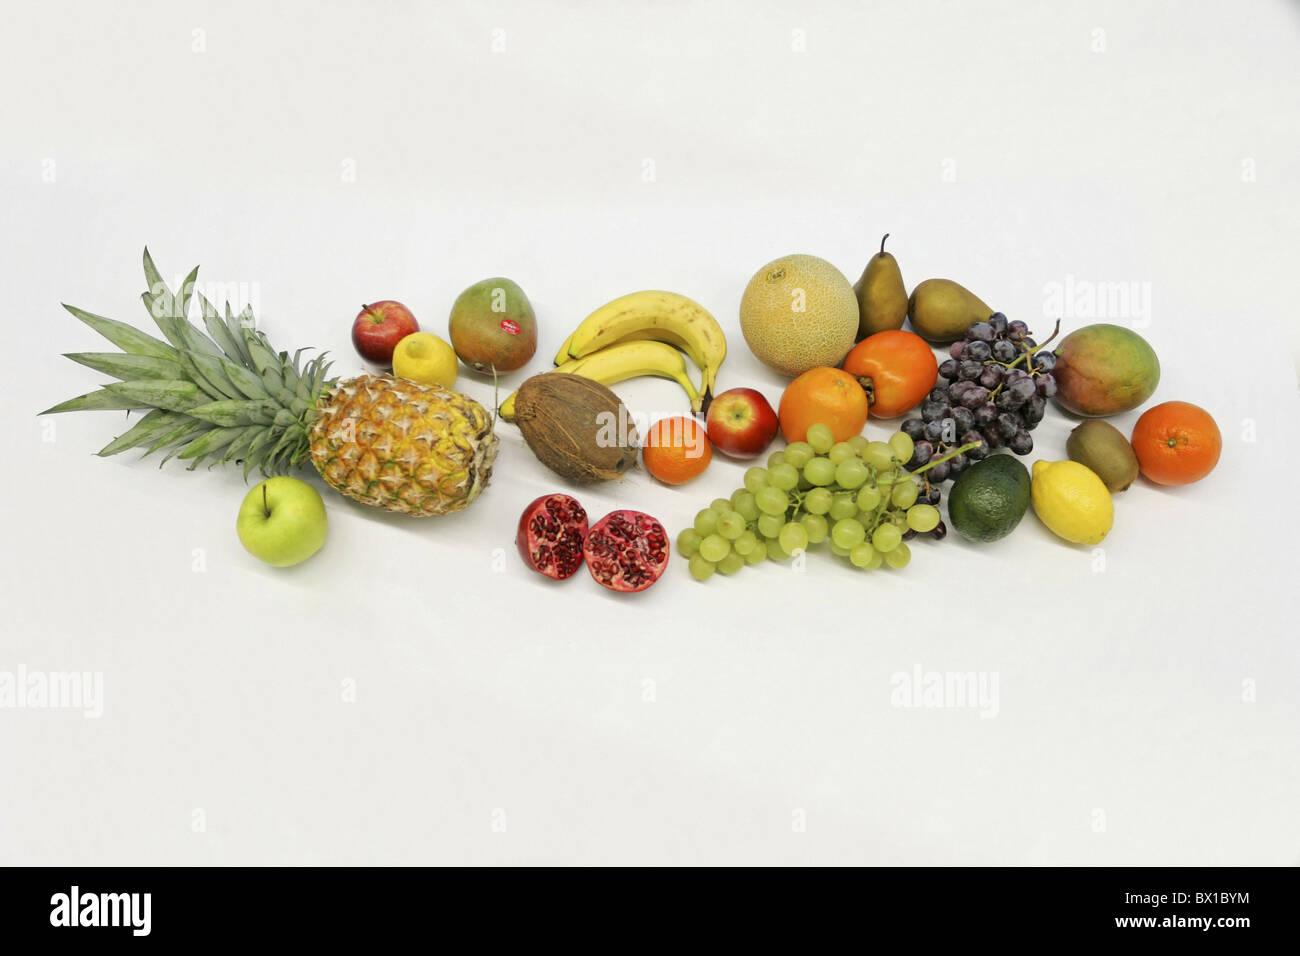 Frutta ancora diversi ancora vita alimento sano vitamine studio food Immagini Stock